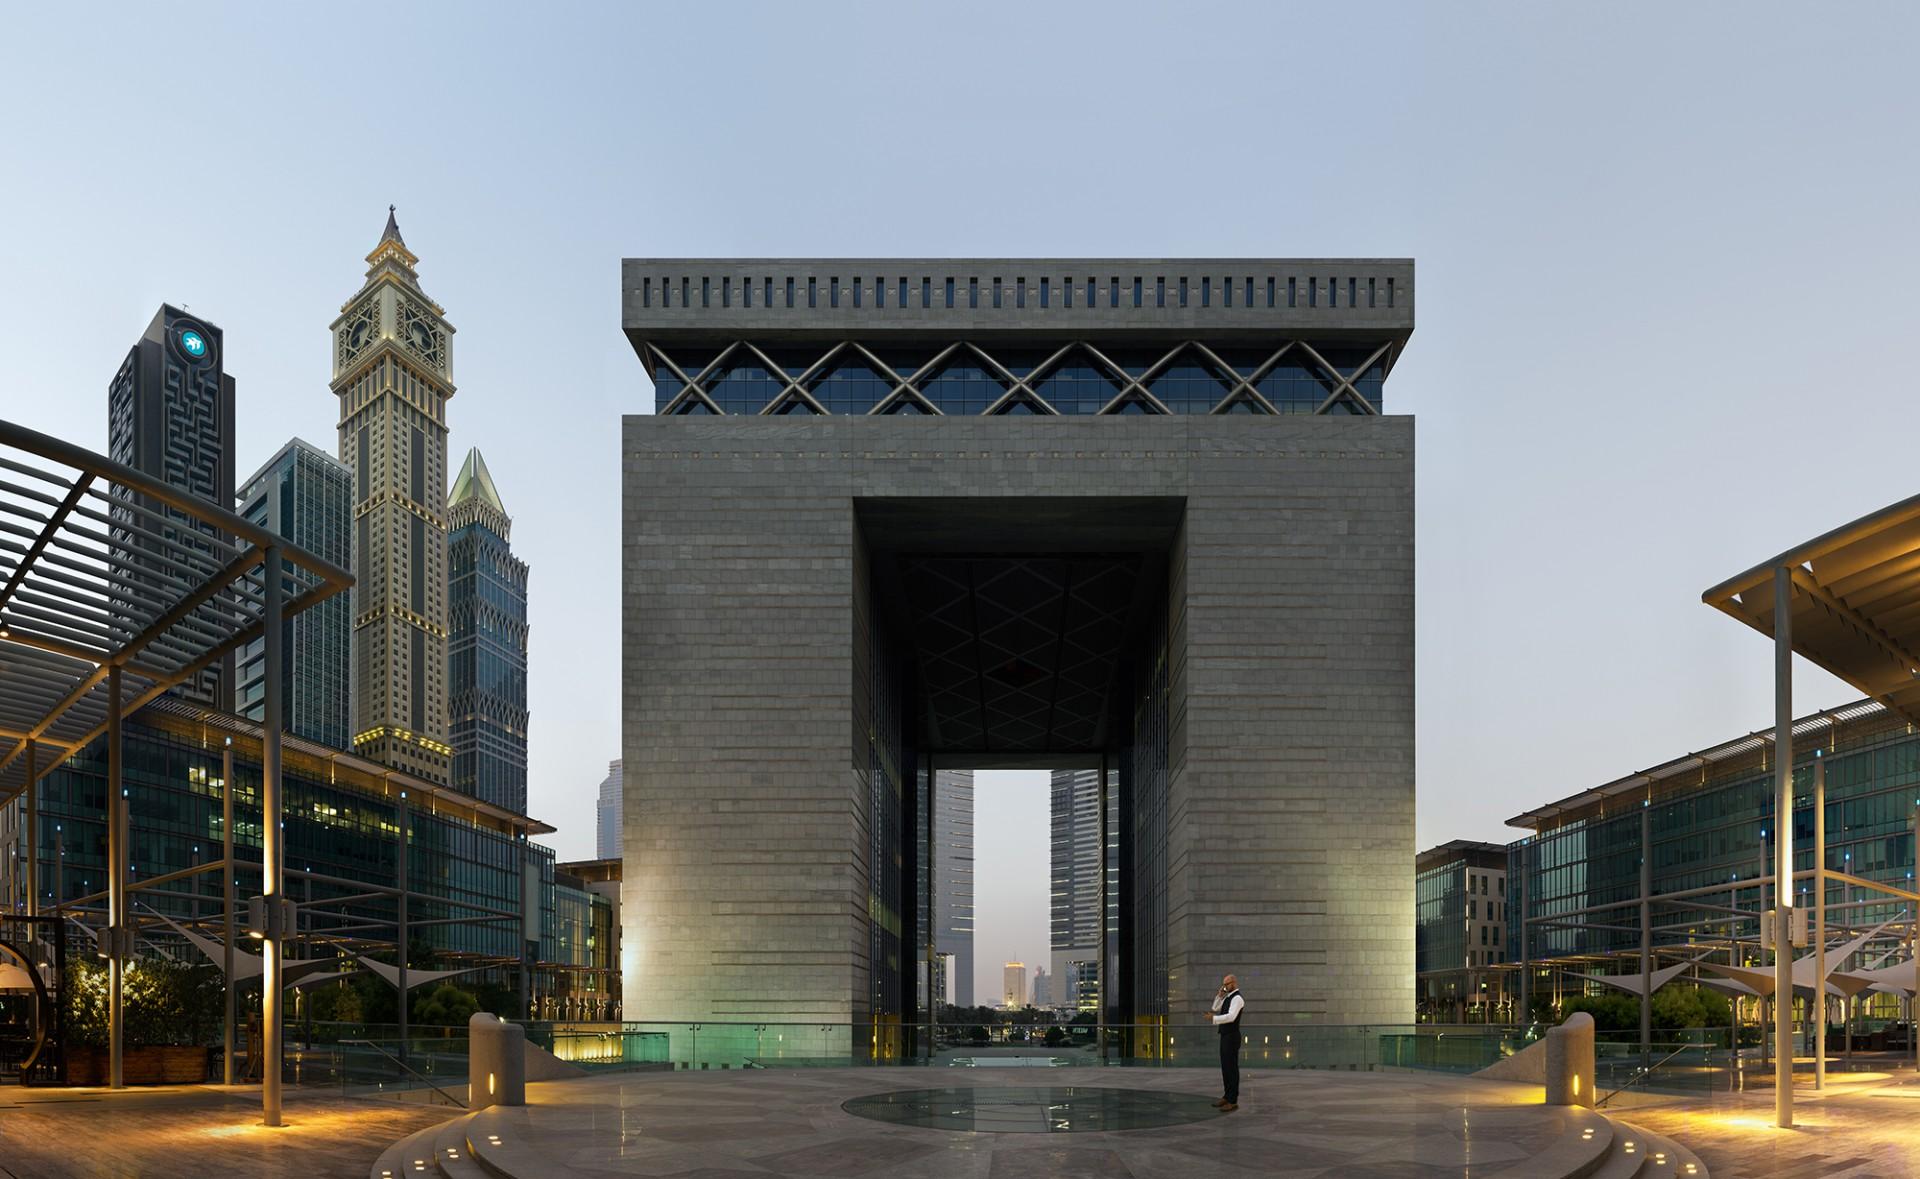 The Gate. 25°12'50''N 55°16'50''E